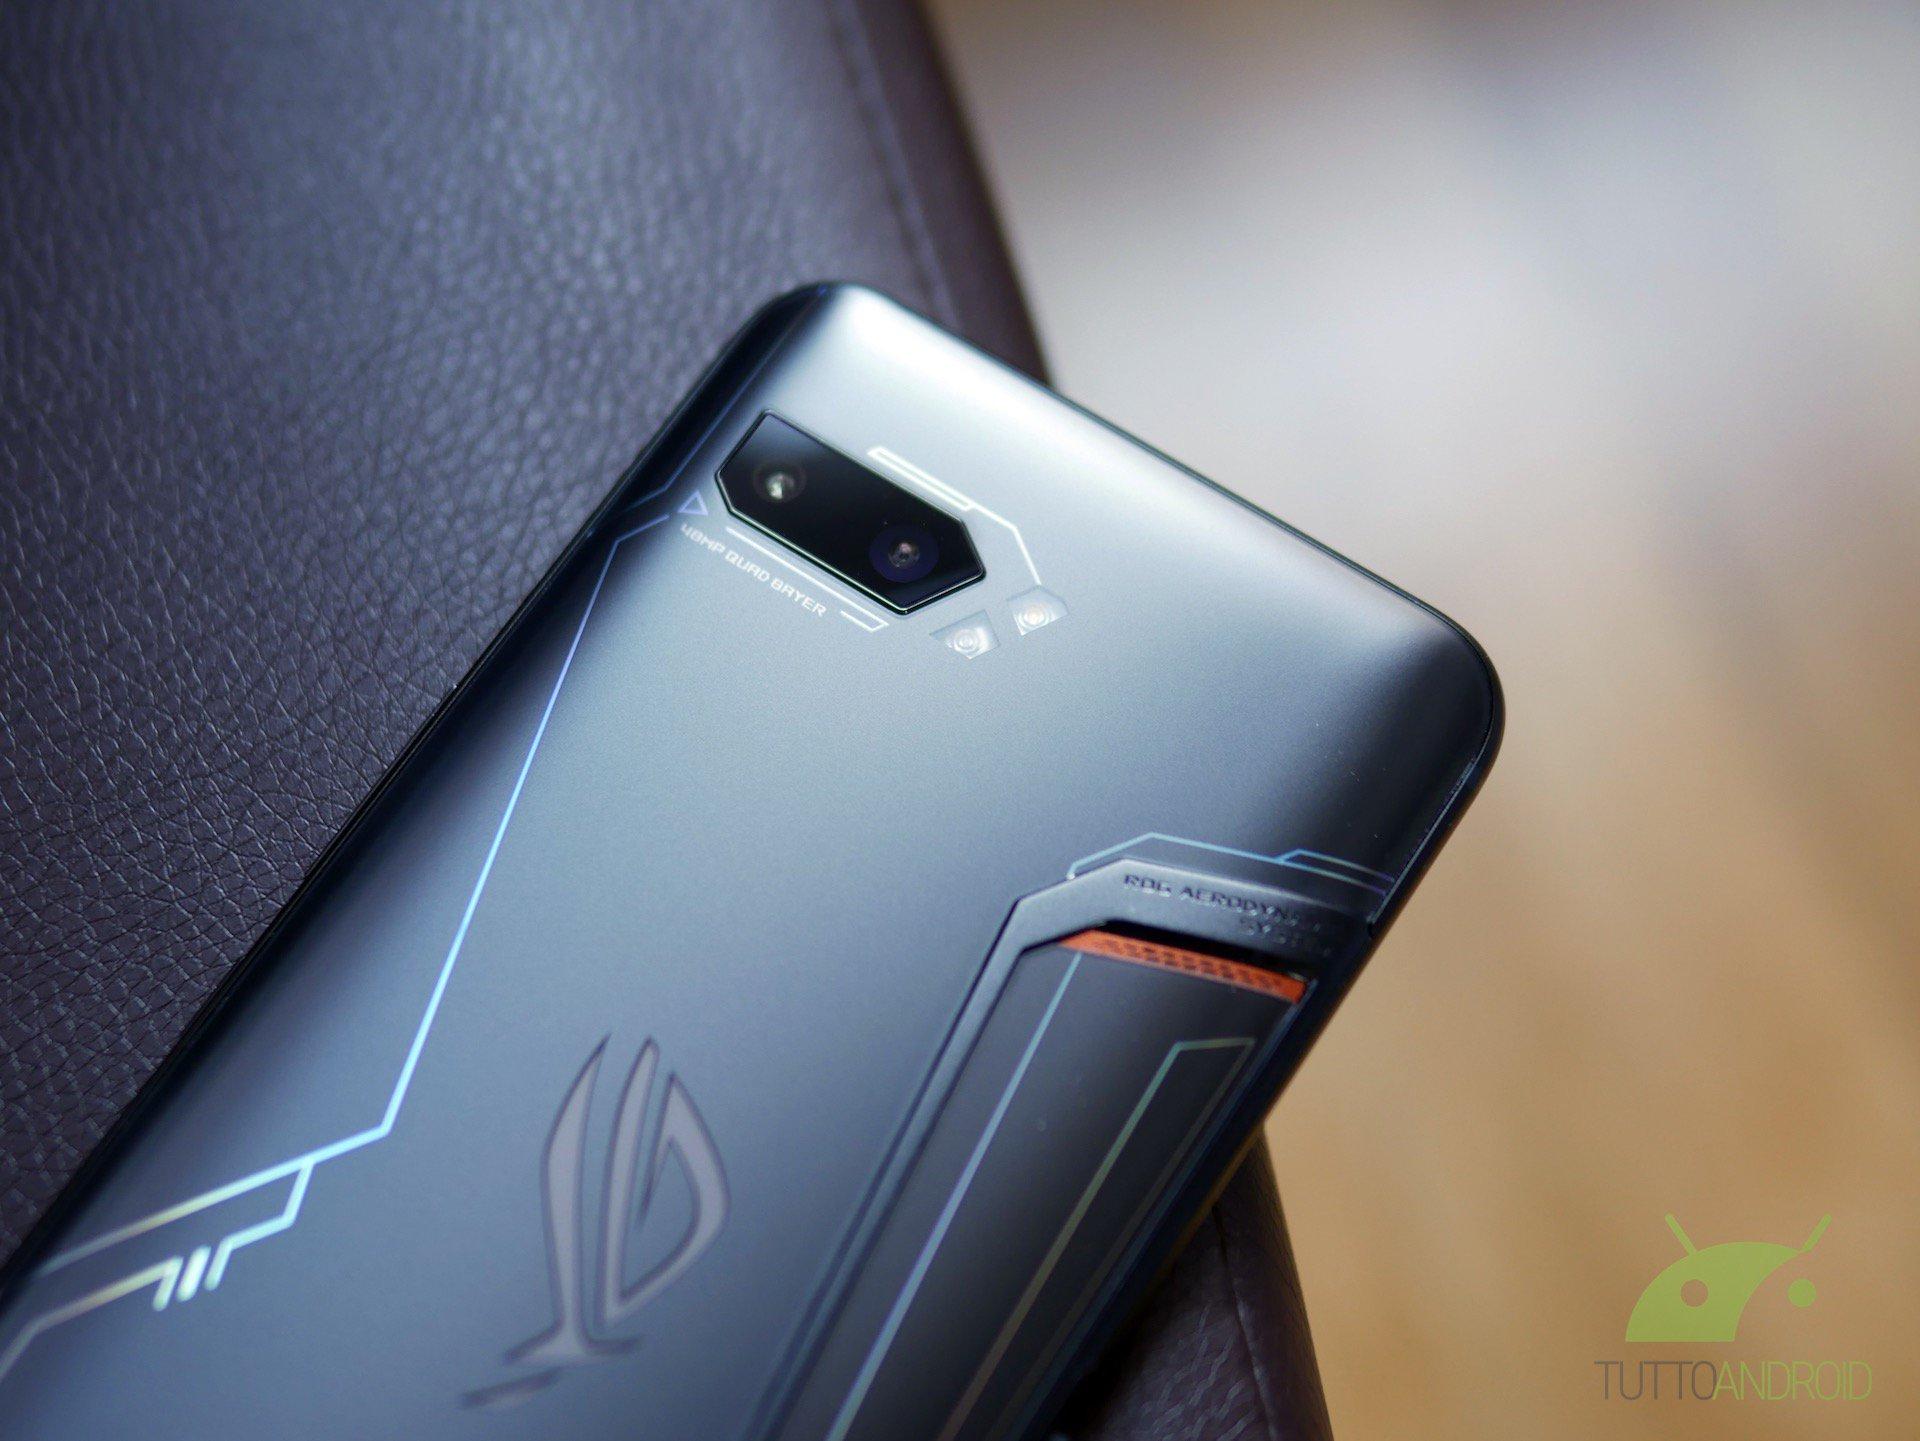 Tinjau ASUS ROG Phone 2: teknik dan substansi membuatnya mendominasi 6